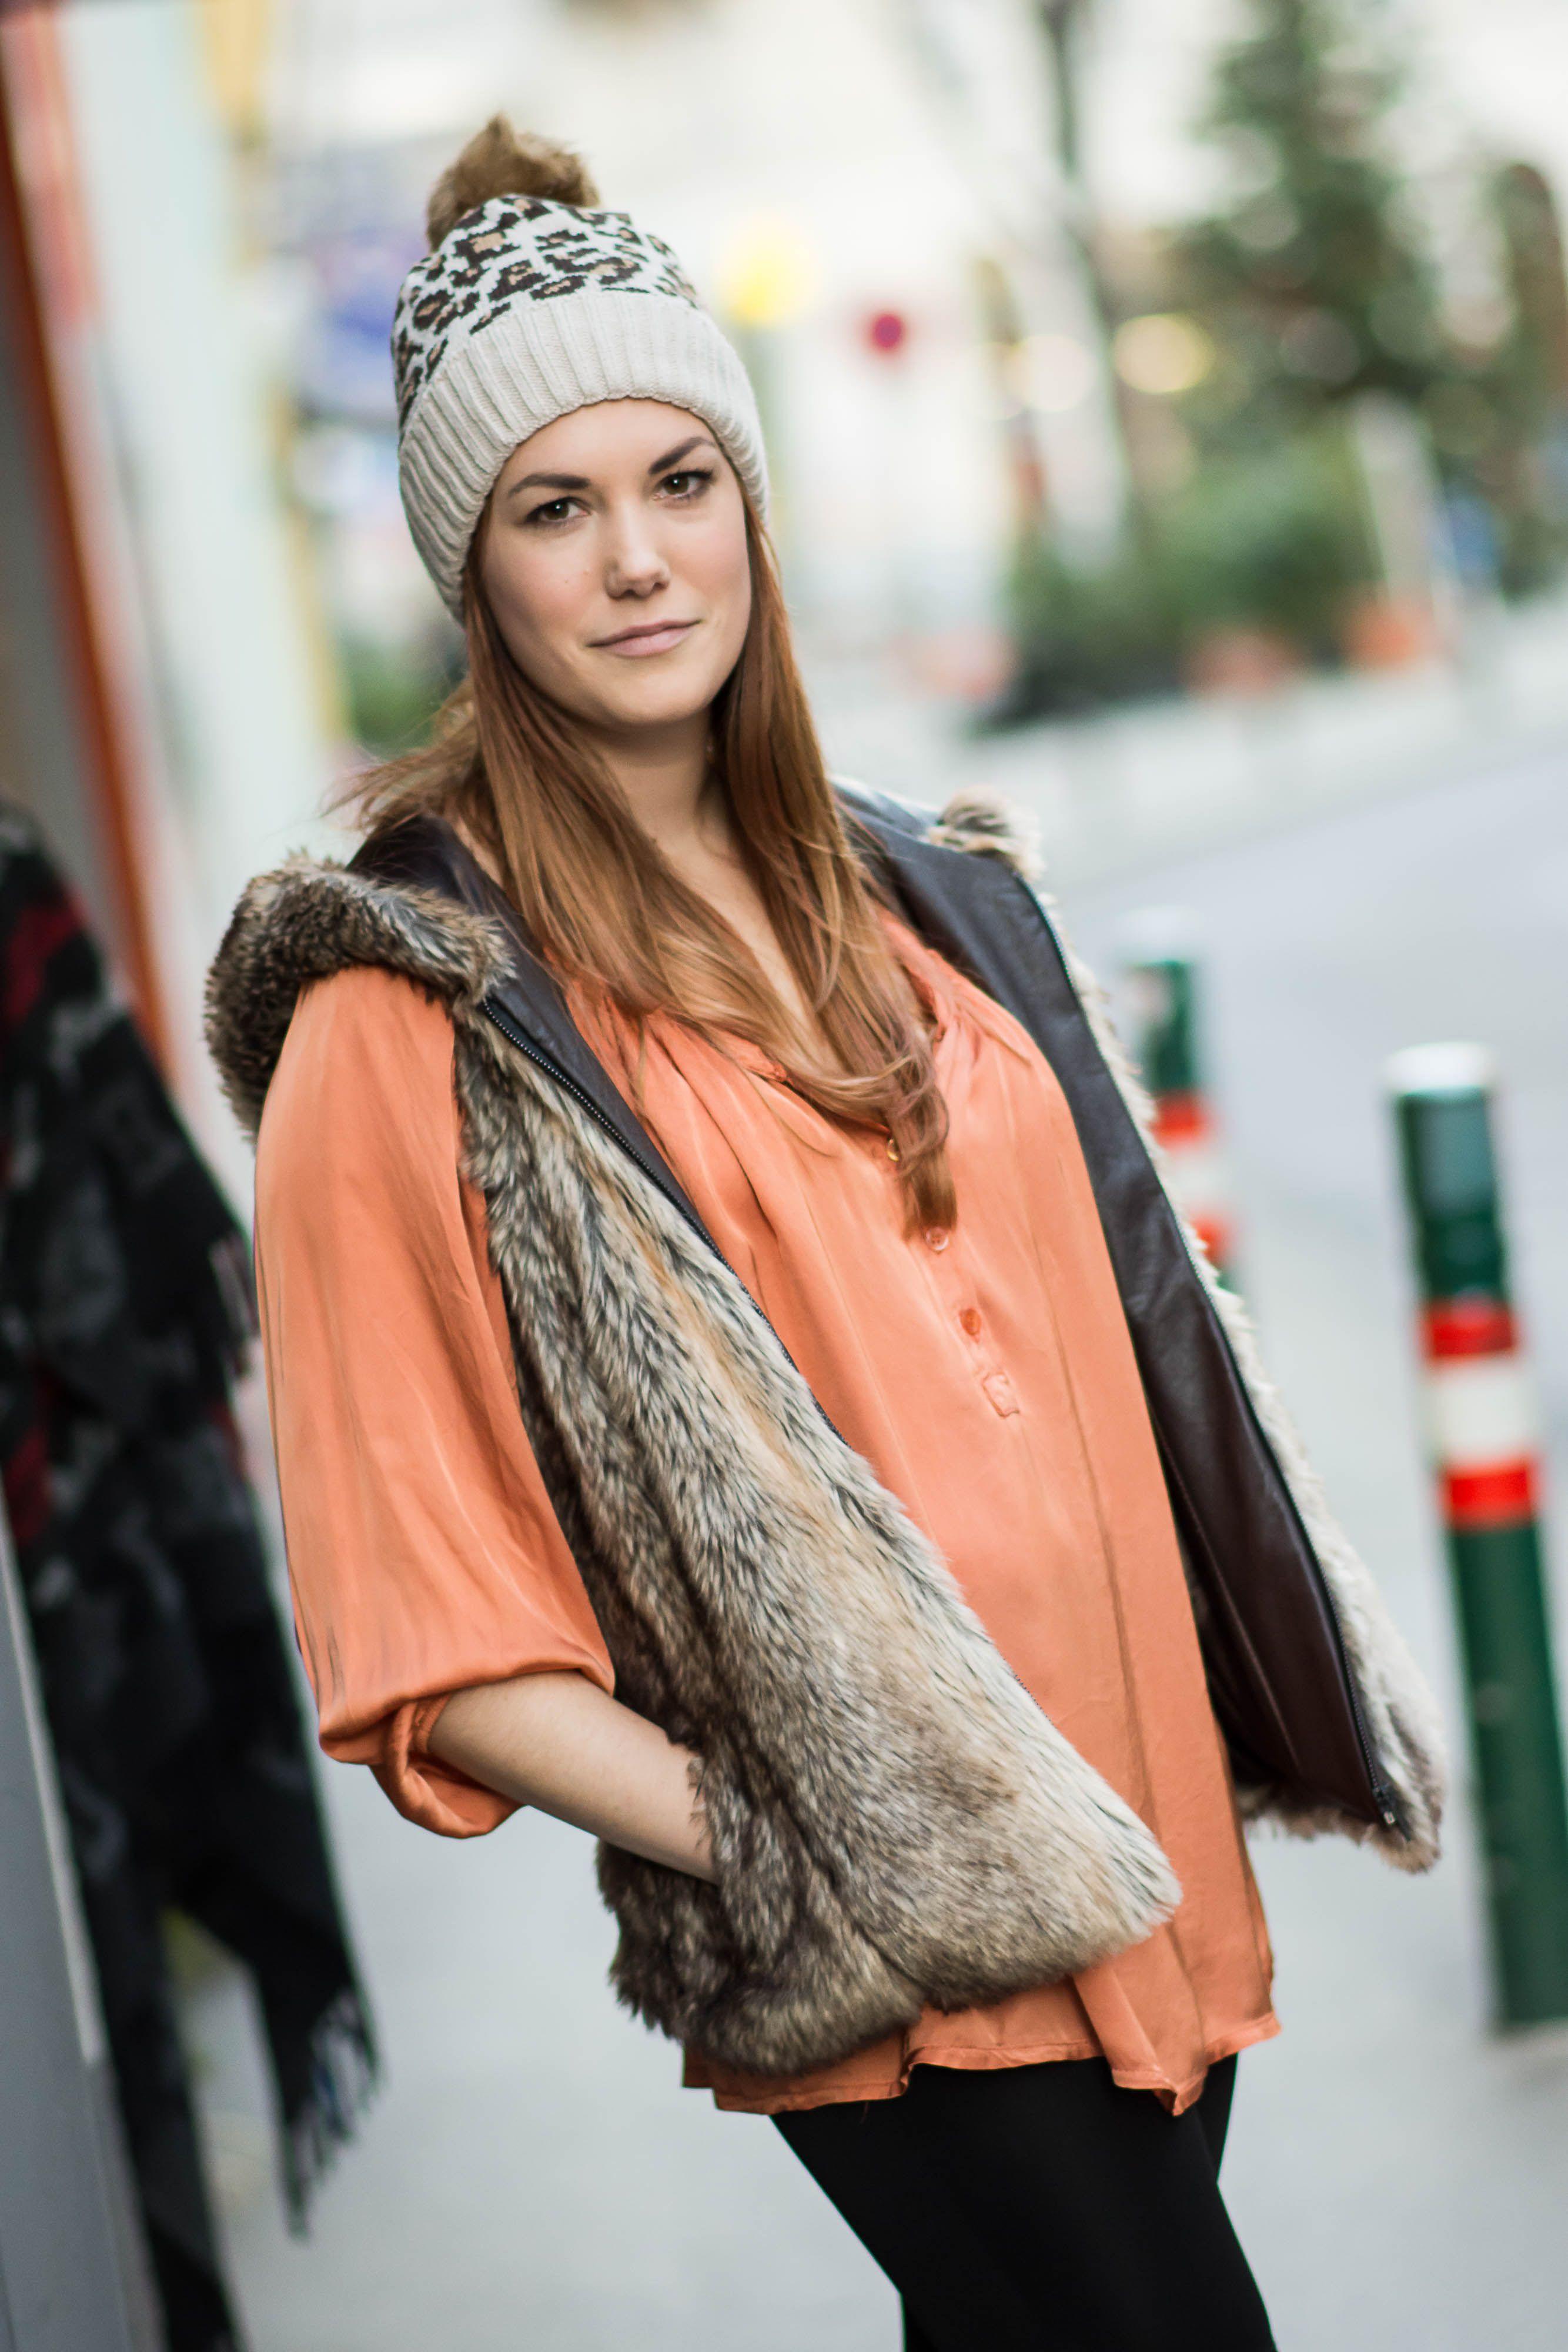 Bluse in Zimt, kombiniert mit ärmelloser Weste- sehr chic... www.mmel.at